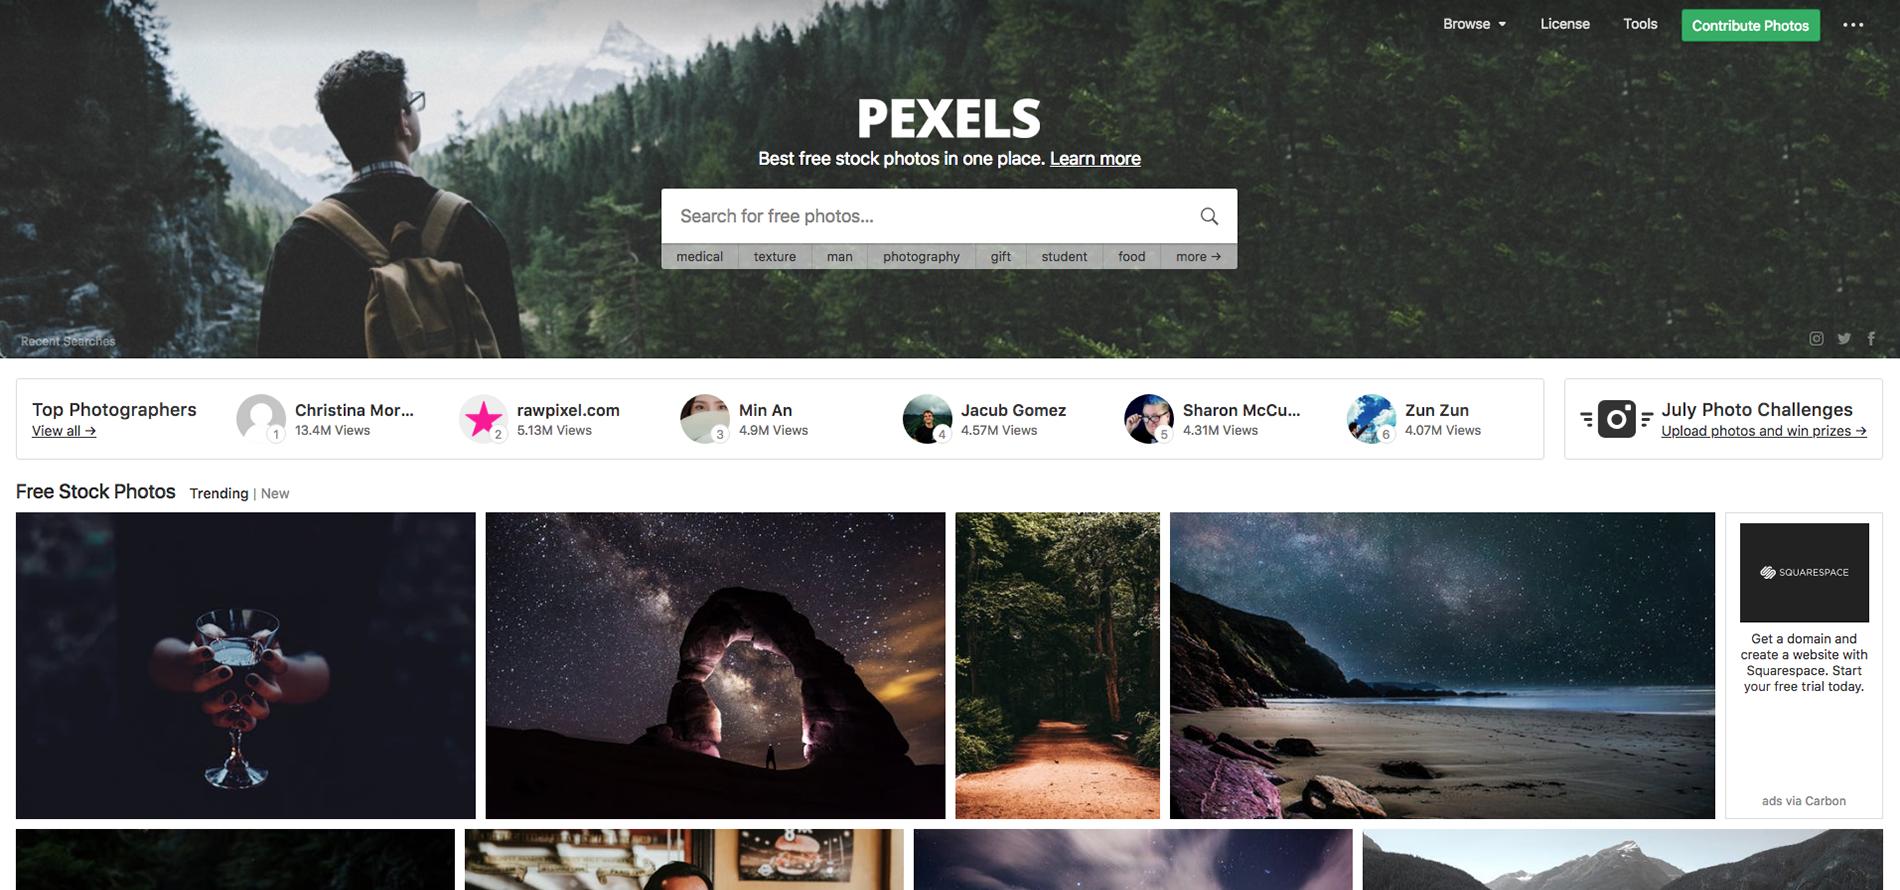 pexels, bancos de imagens, melhores bancos de imagens, imagens